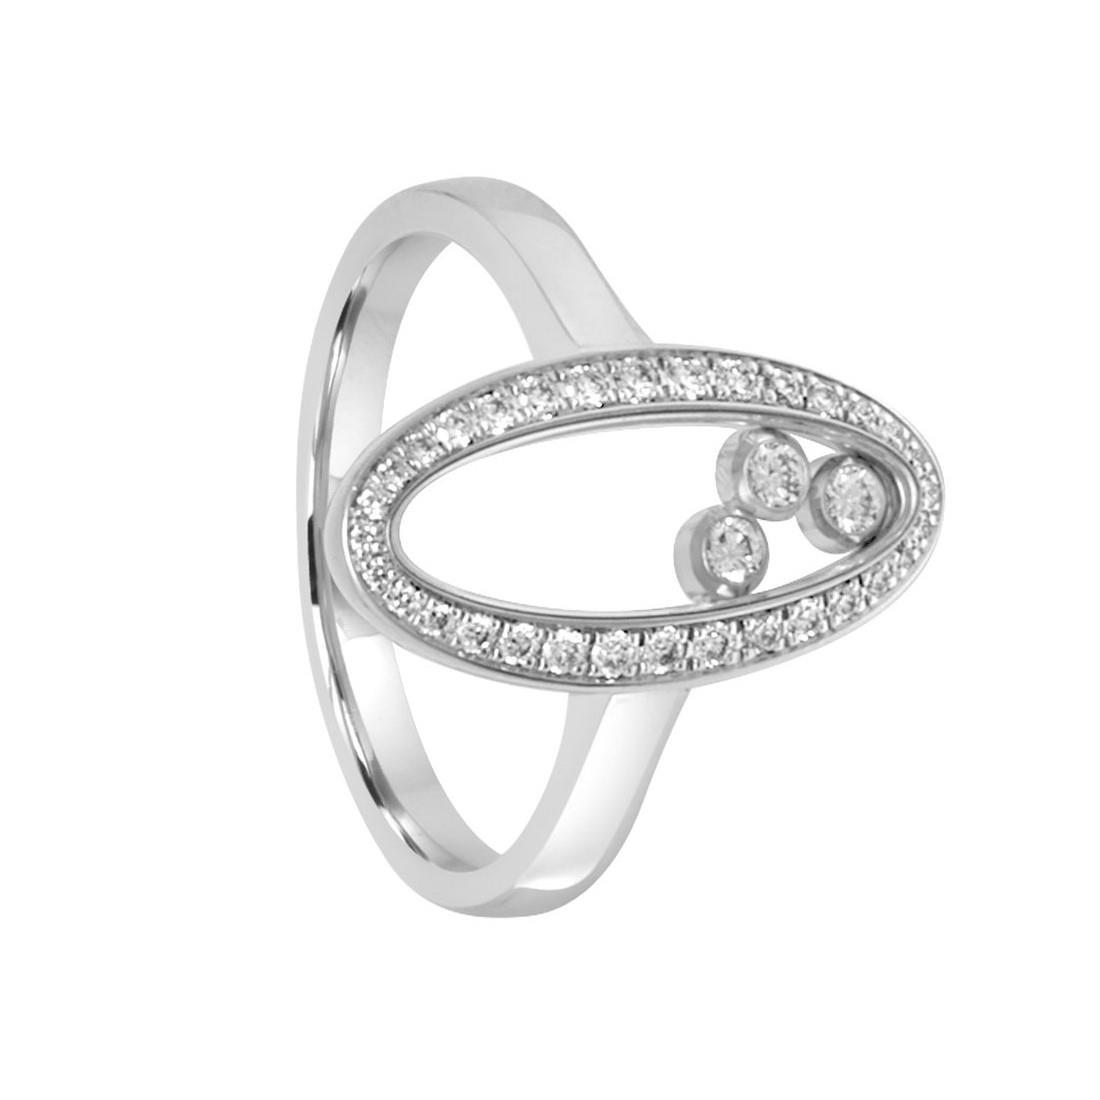 Anello Chopard in oro bianco e diamanti - CHOPARD